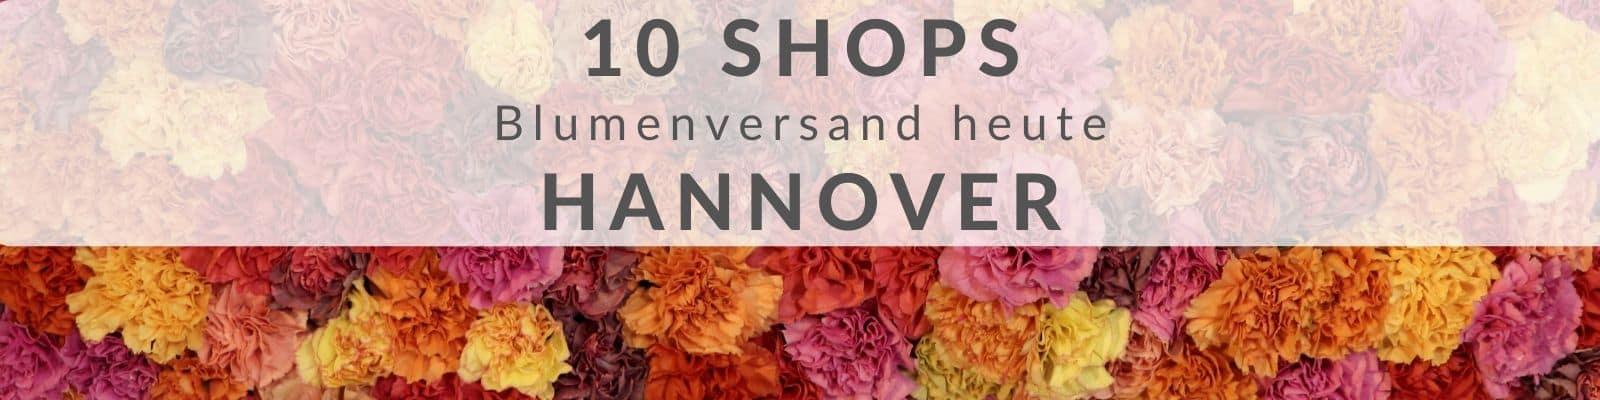 Blumen verschicken Hannover - Blumenversand